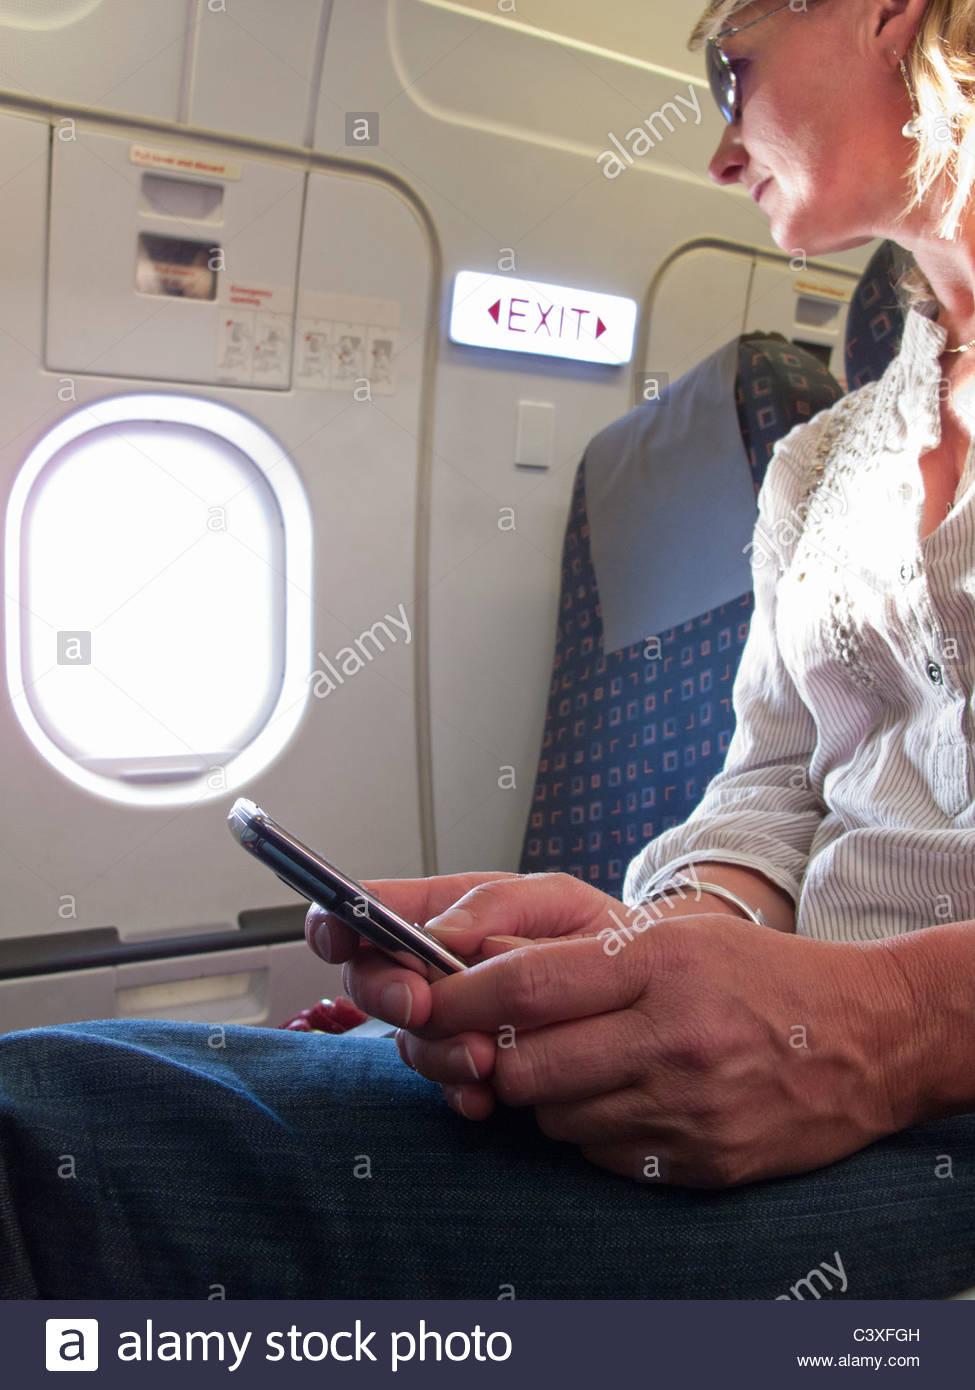 Cerca de la mujer la mensajería de texto del teléfono celular en el avión Imagen De Stock